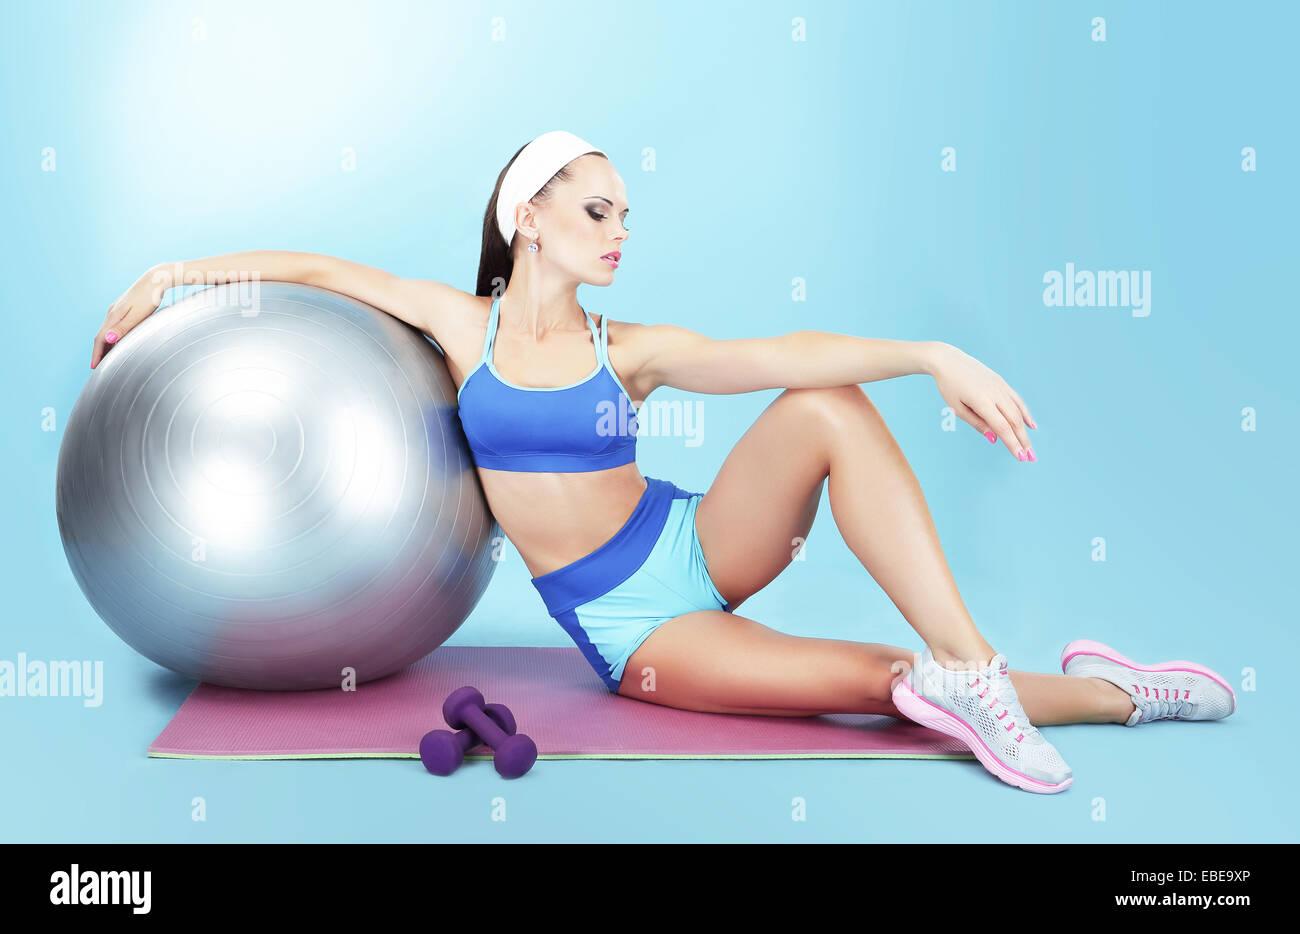 Repos. Grande sportive avec les équipements de sport - une balle de remise en forme et d'haltères Photo Stock